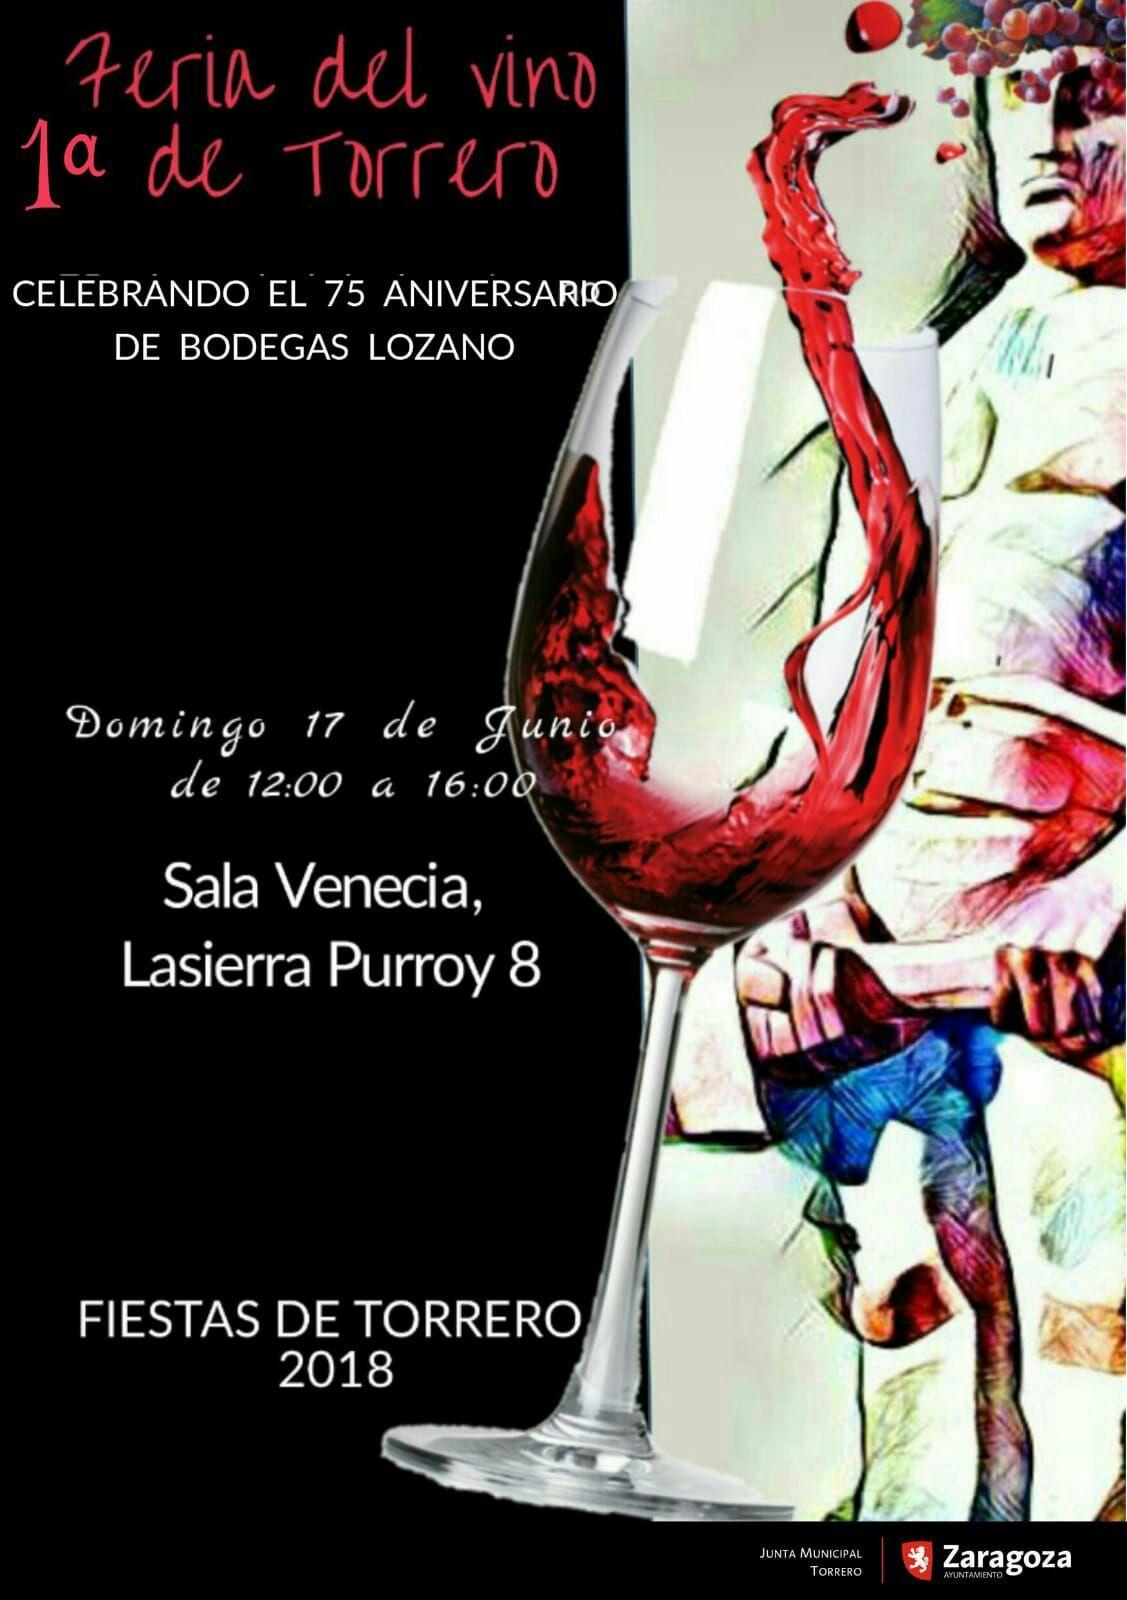 El barrio de Torrero celebra su I Feria del Vino coincidiendo con el 75 aniversario de las históricas Bodegas Lozano